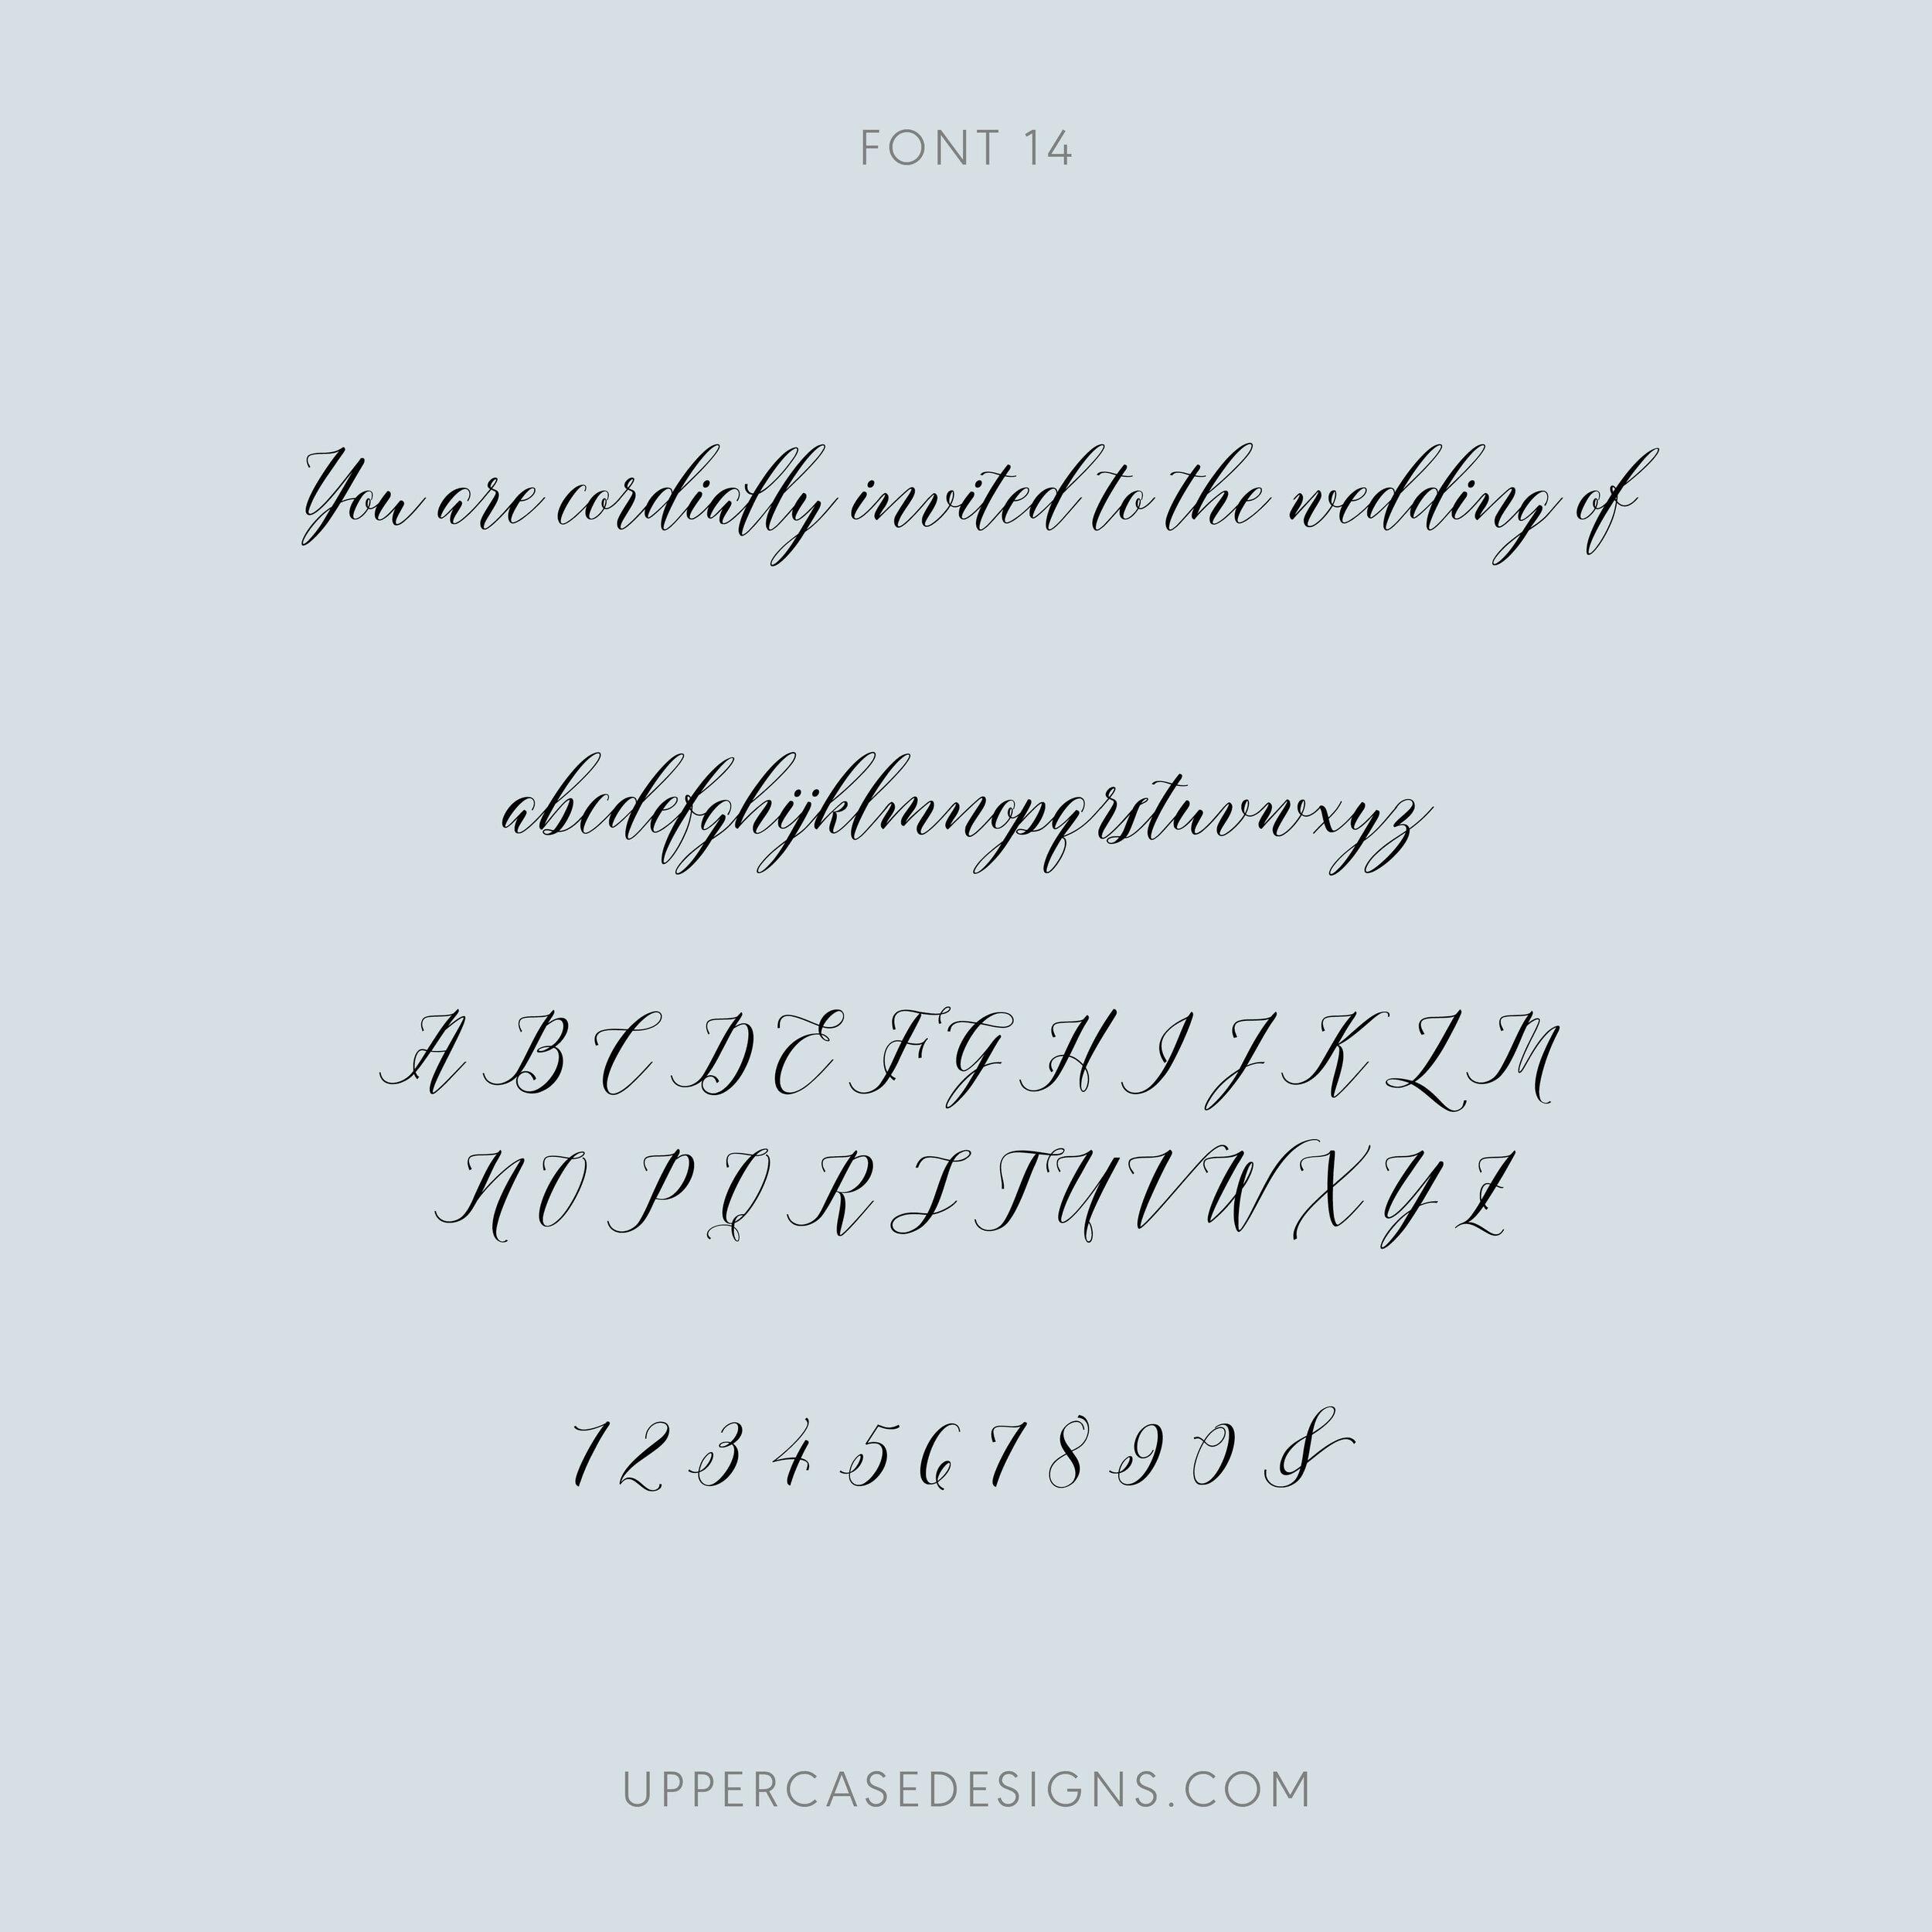 UppercaseDesigns-Fonts-202014.jpg